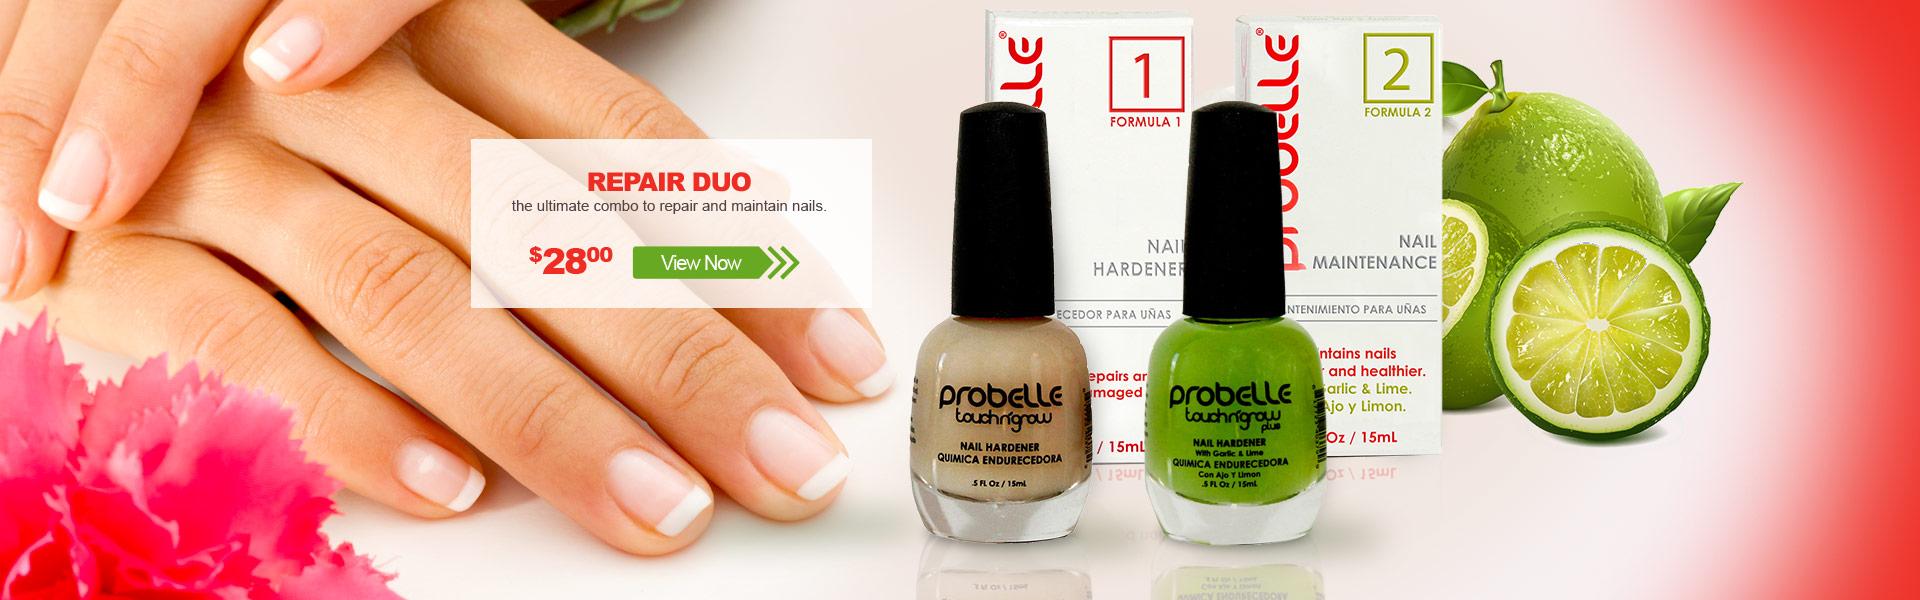 Probelle-Nail-Repair-Maintenance-DUO